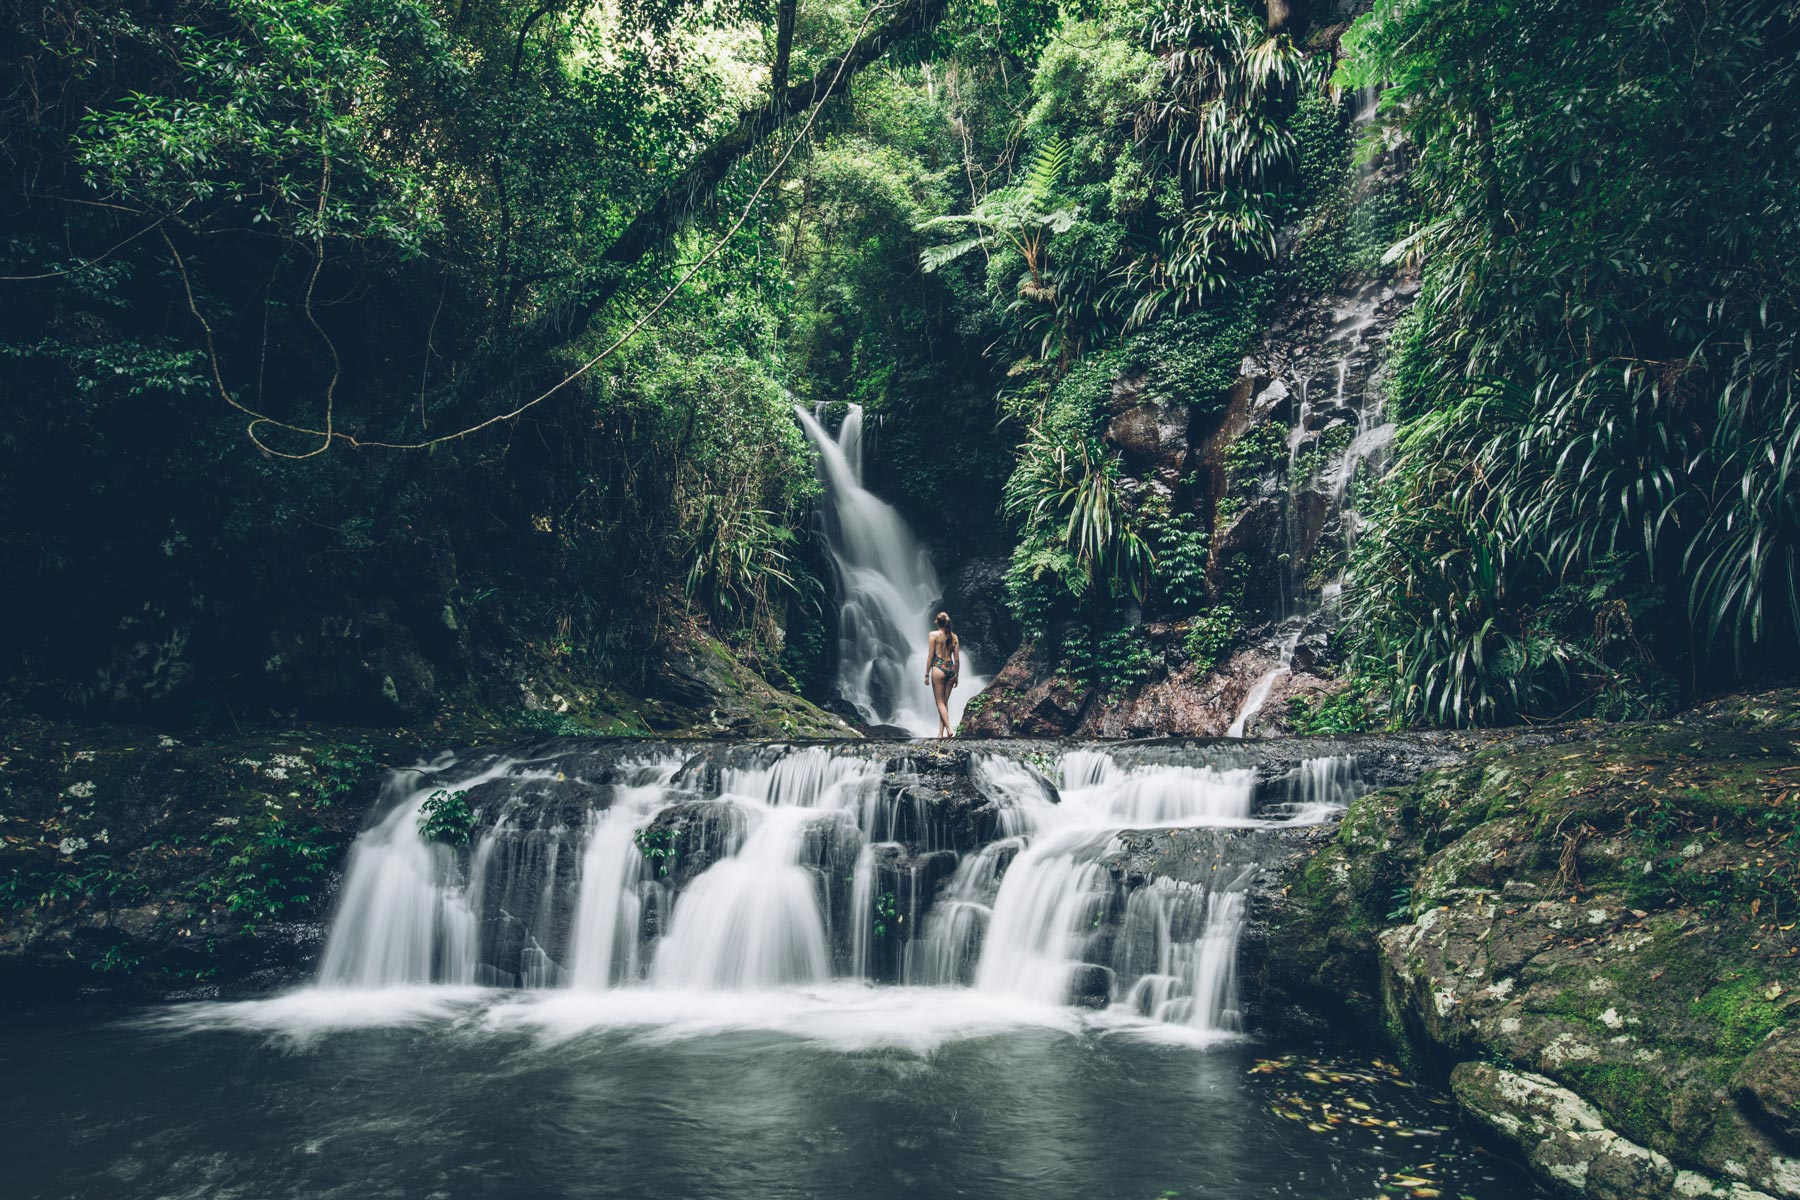 Elabana Falls, Queensland, Lamington National Park